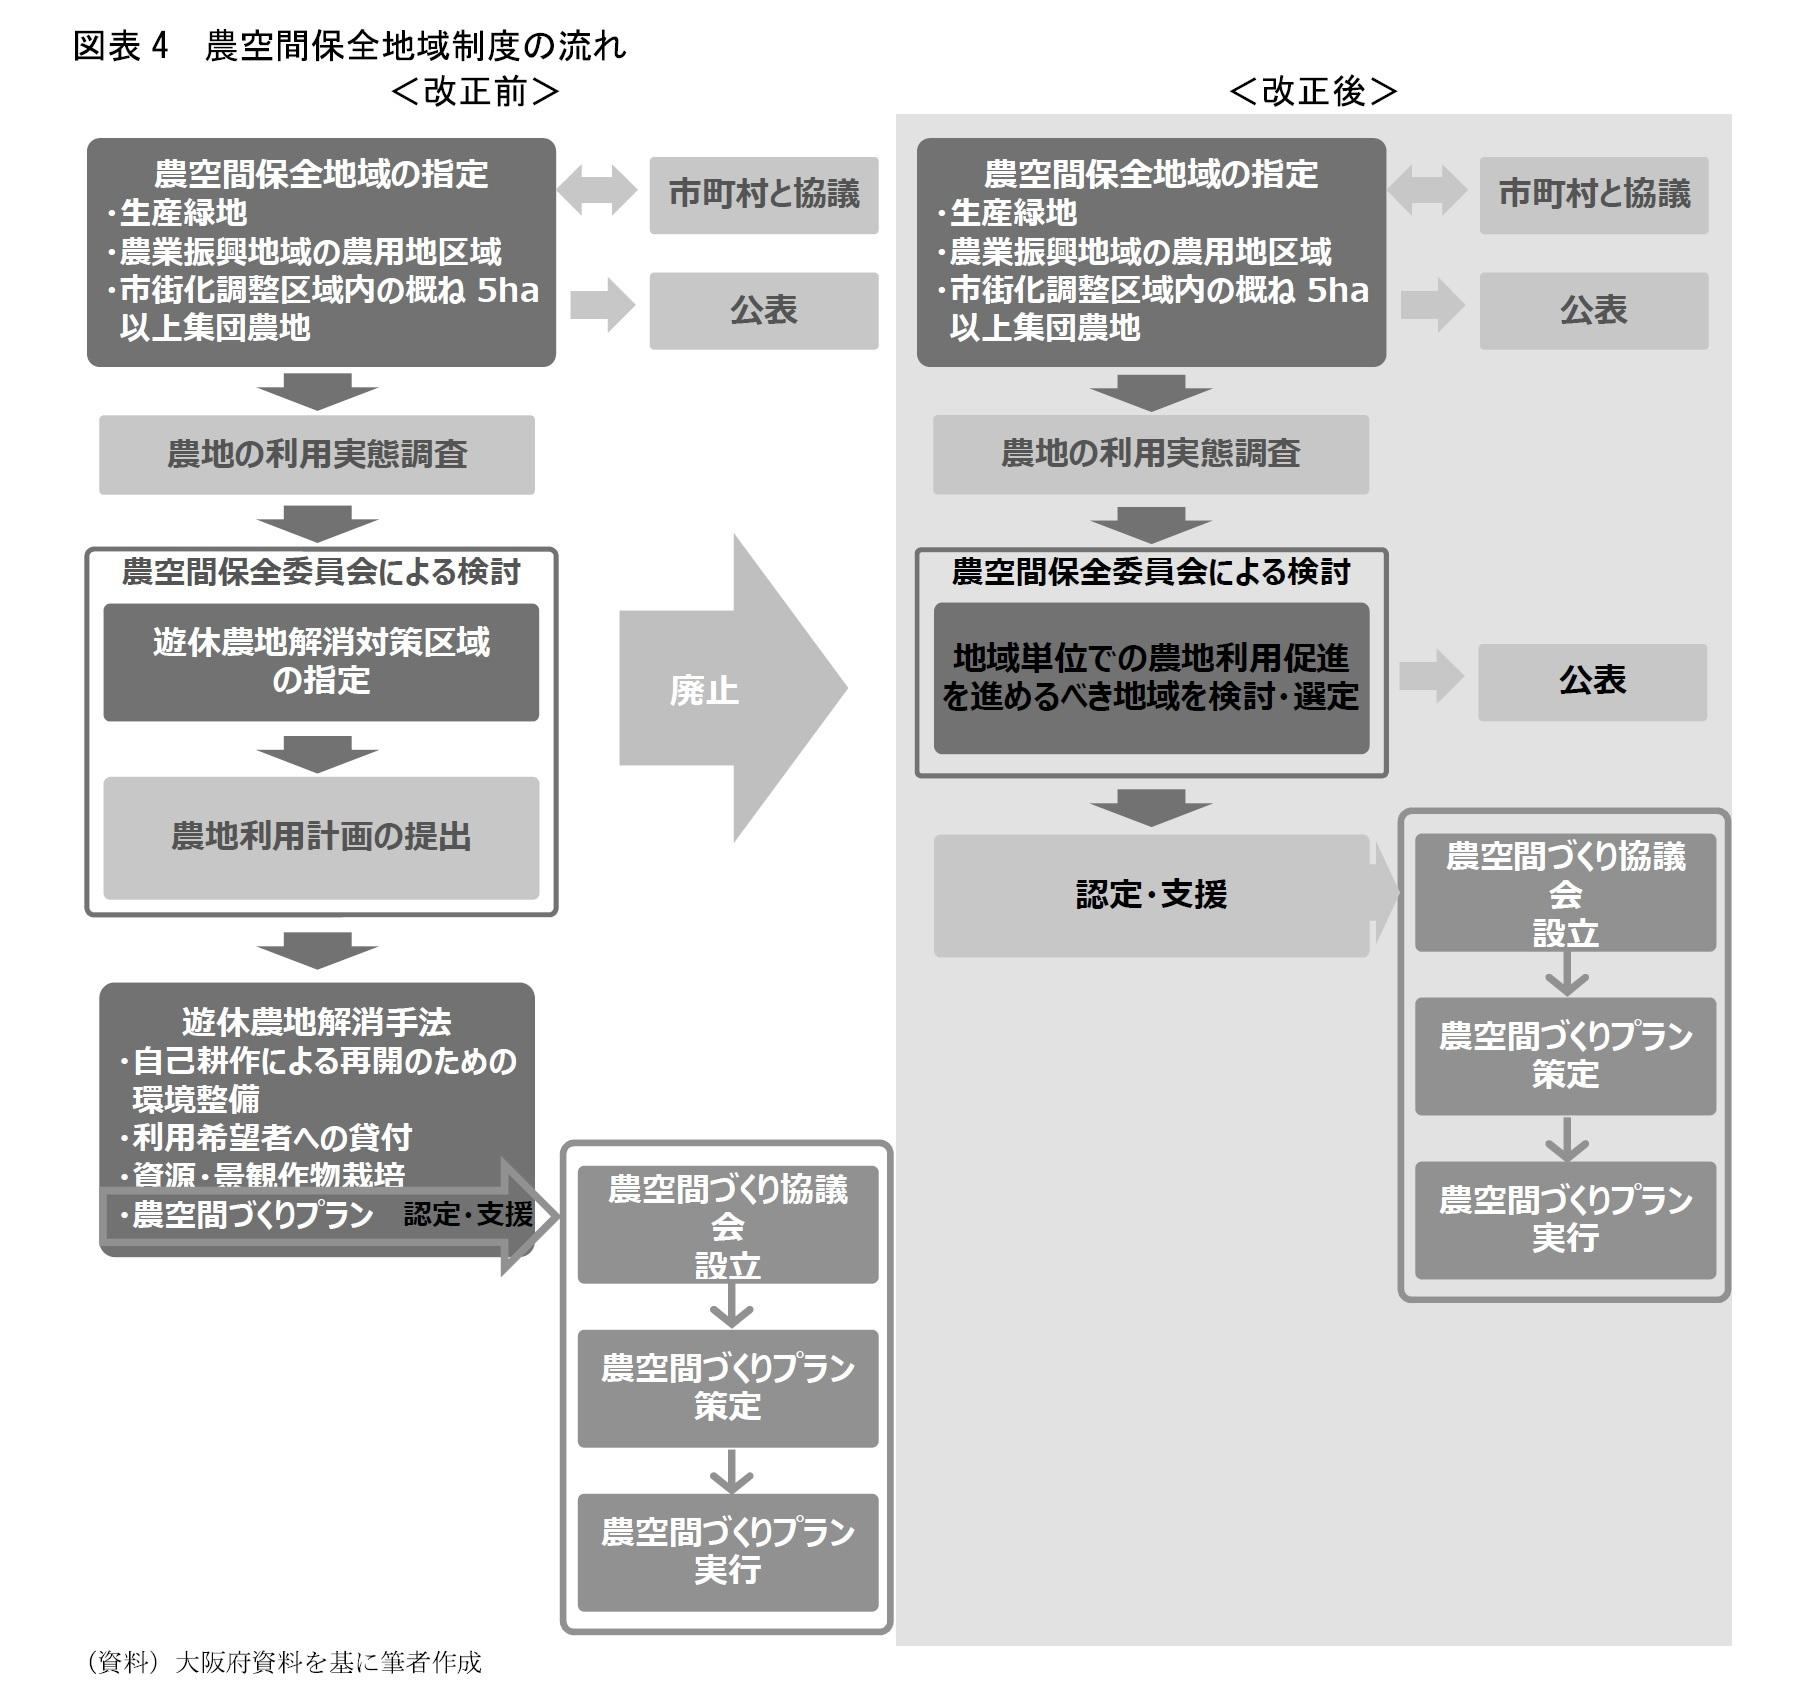 図表4 農空間保全地域制度の流れ